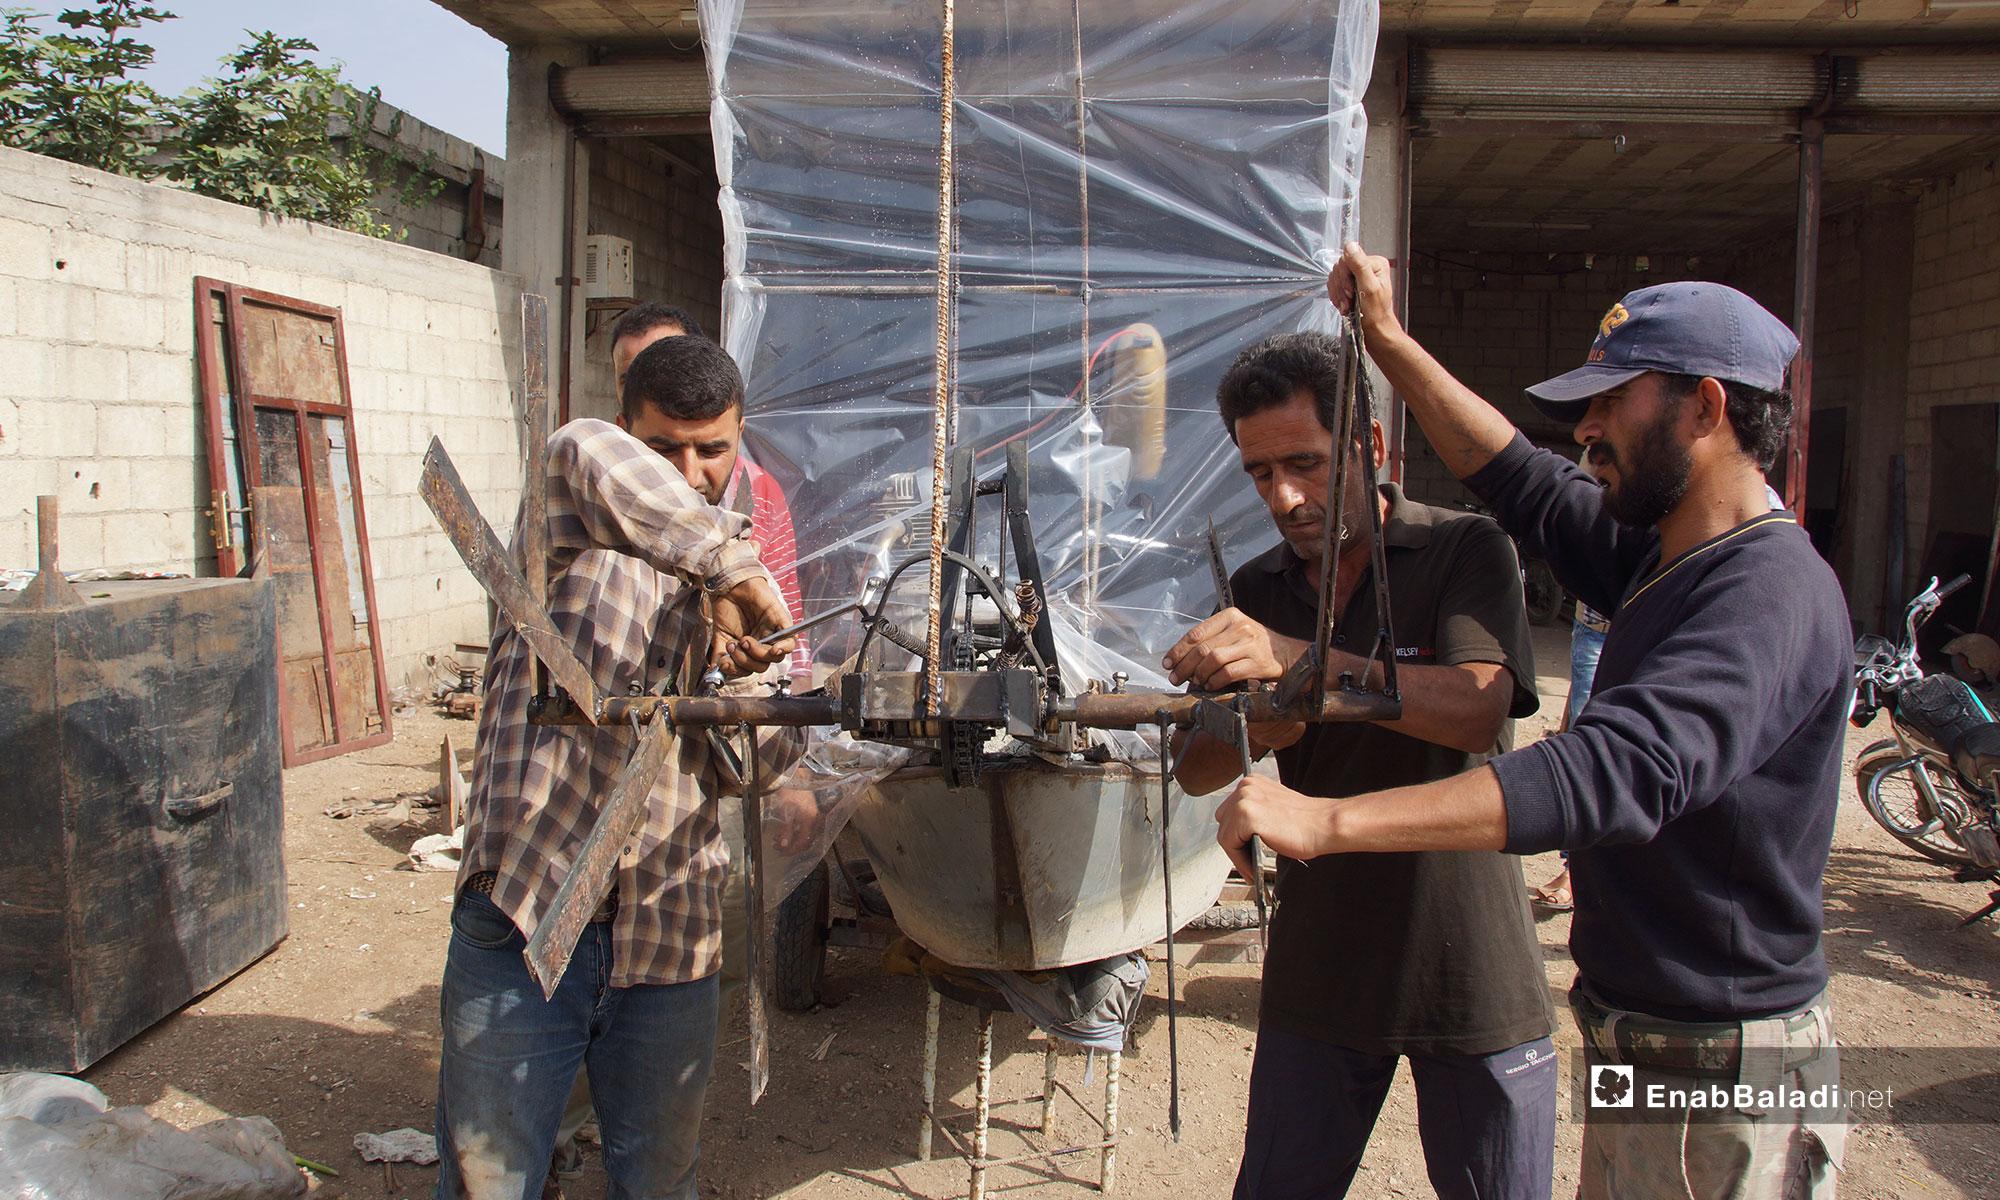 اختراع آلة جديدة للقضاء على زهرة النيل في سهل الغاب بريف حماة - 30 من تشرين الاول 2018 (عنب بلدي)